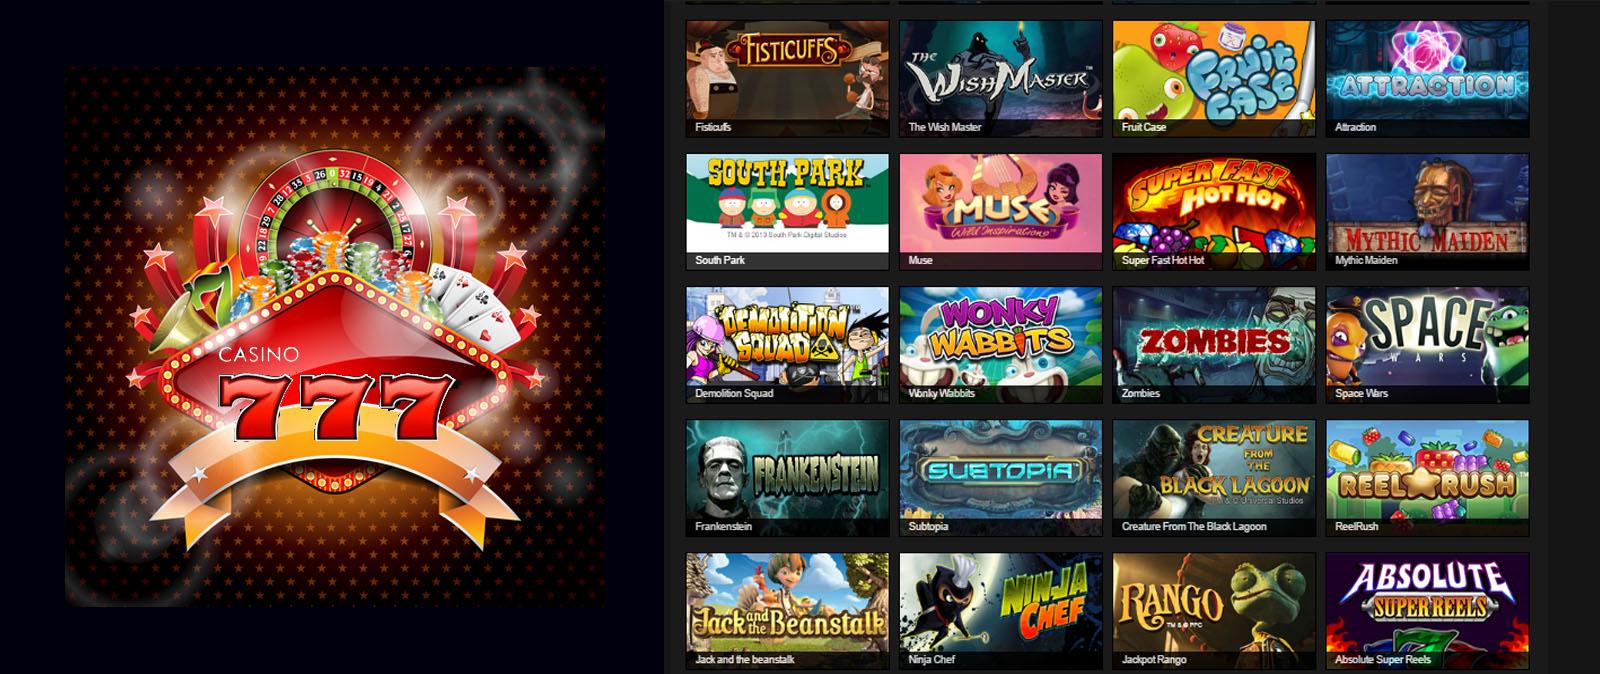 Juegos para casinos android paypal casino bonos - 5565